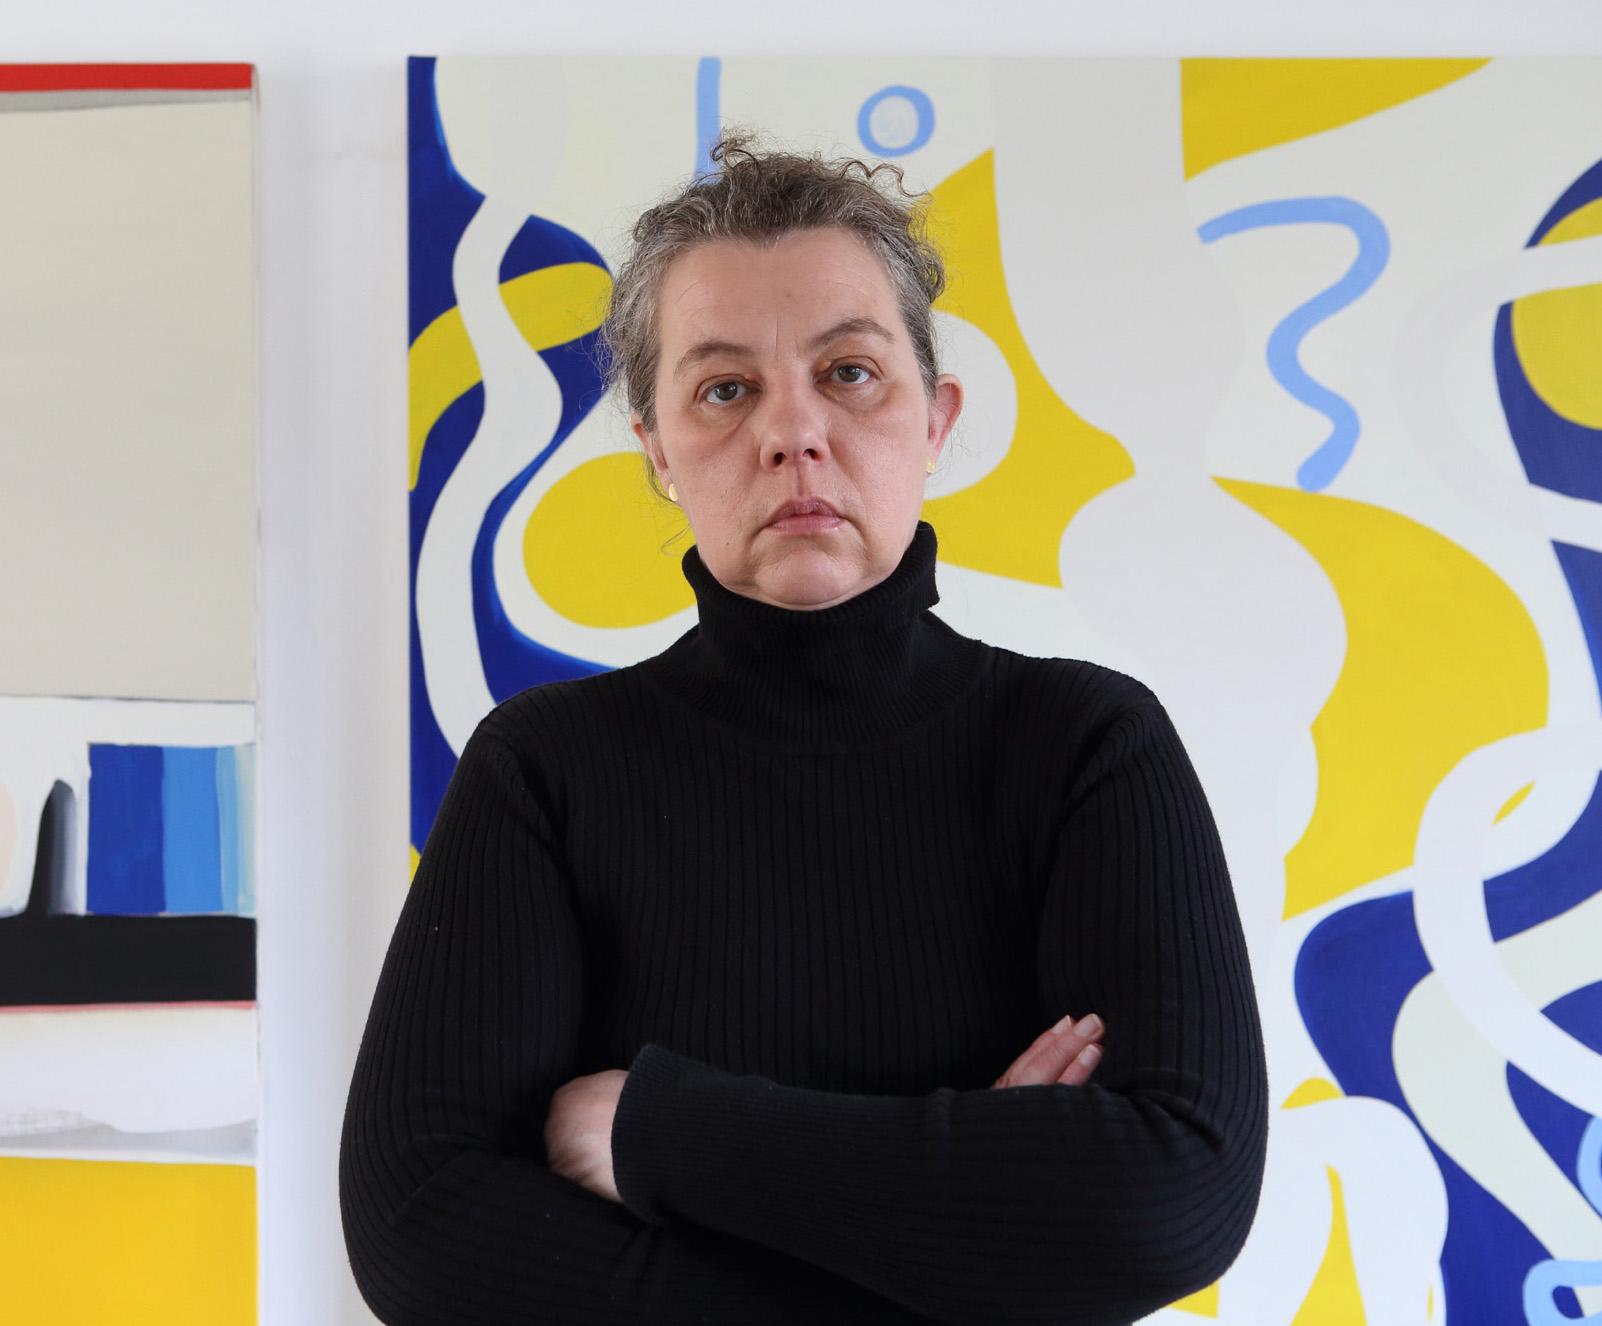 Henrietta Dubrey, artist